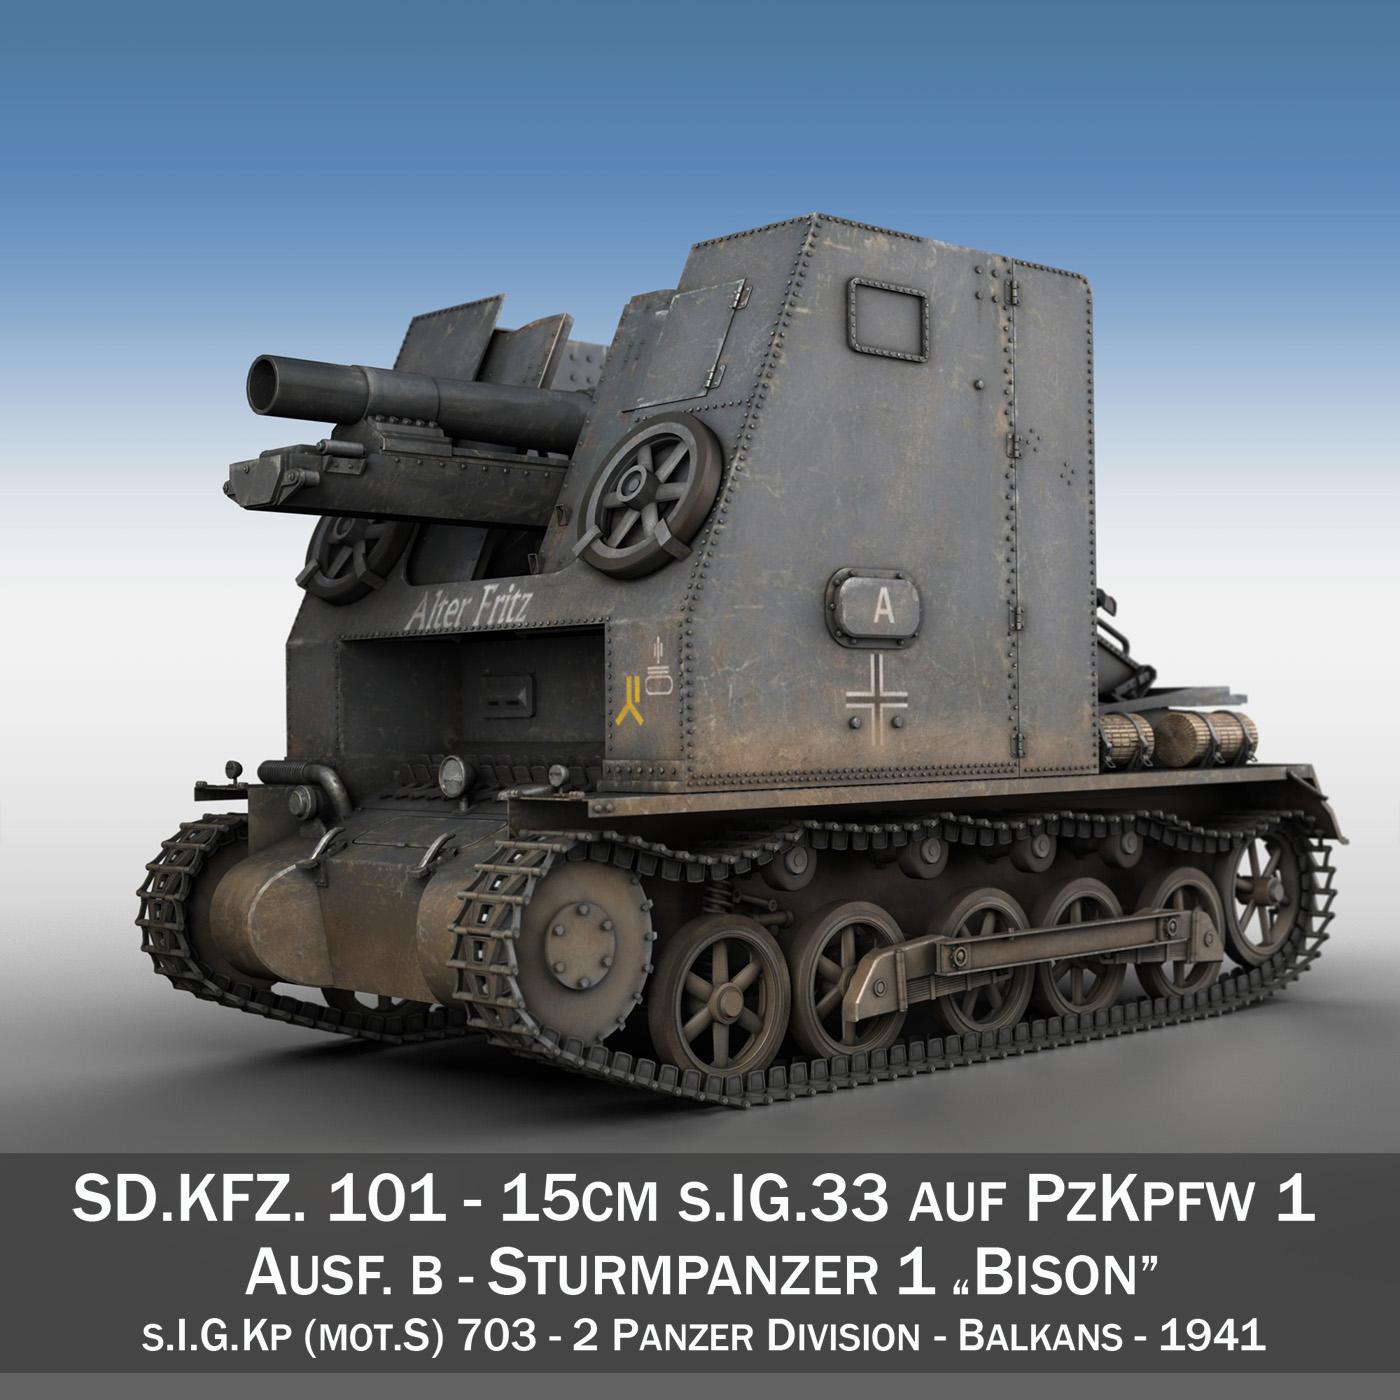 sturmpanzer 1 - bison - pārveidot fritz - 2pzdiv 3d modelis 3ds fwx lws lws obj c4d 265789